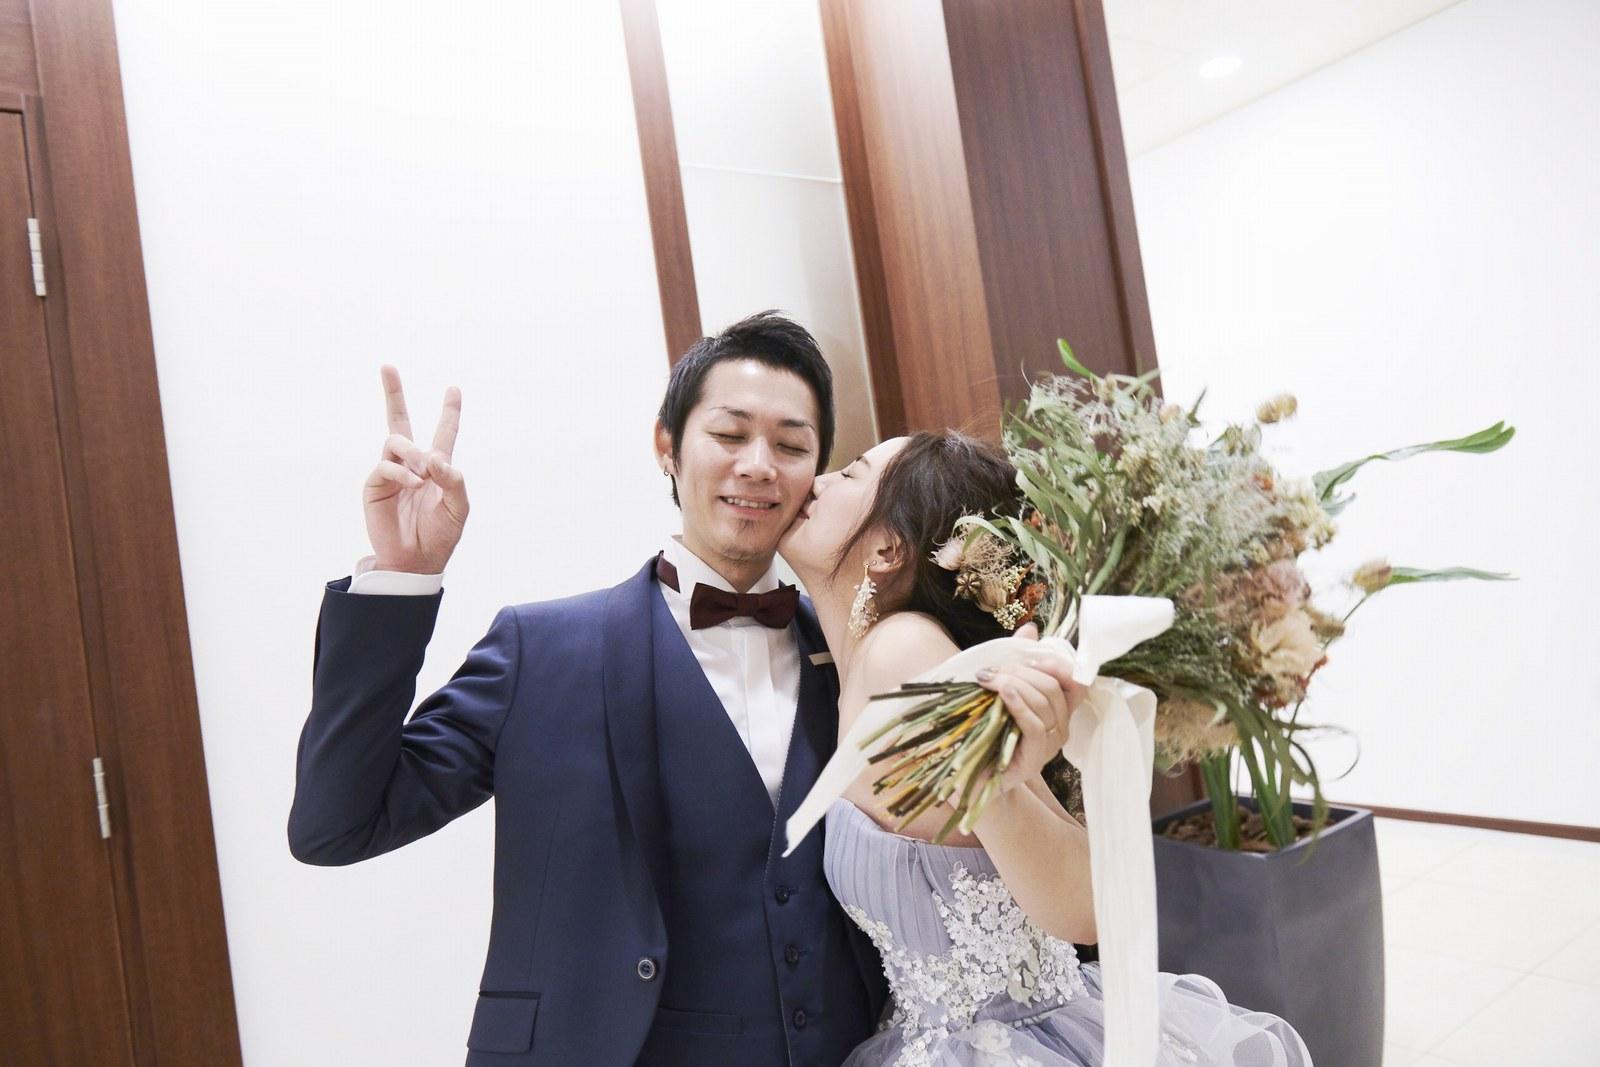 徳島県の結婚式場ブランアンジュの新郎新婦